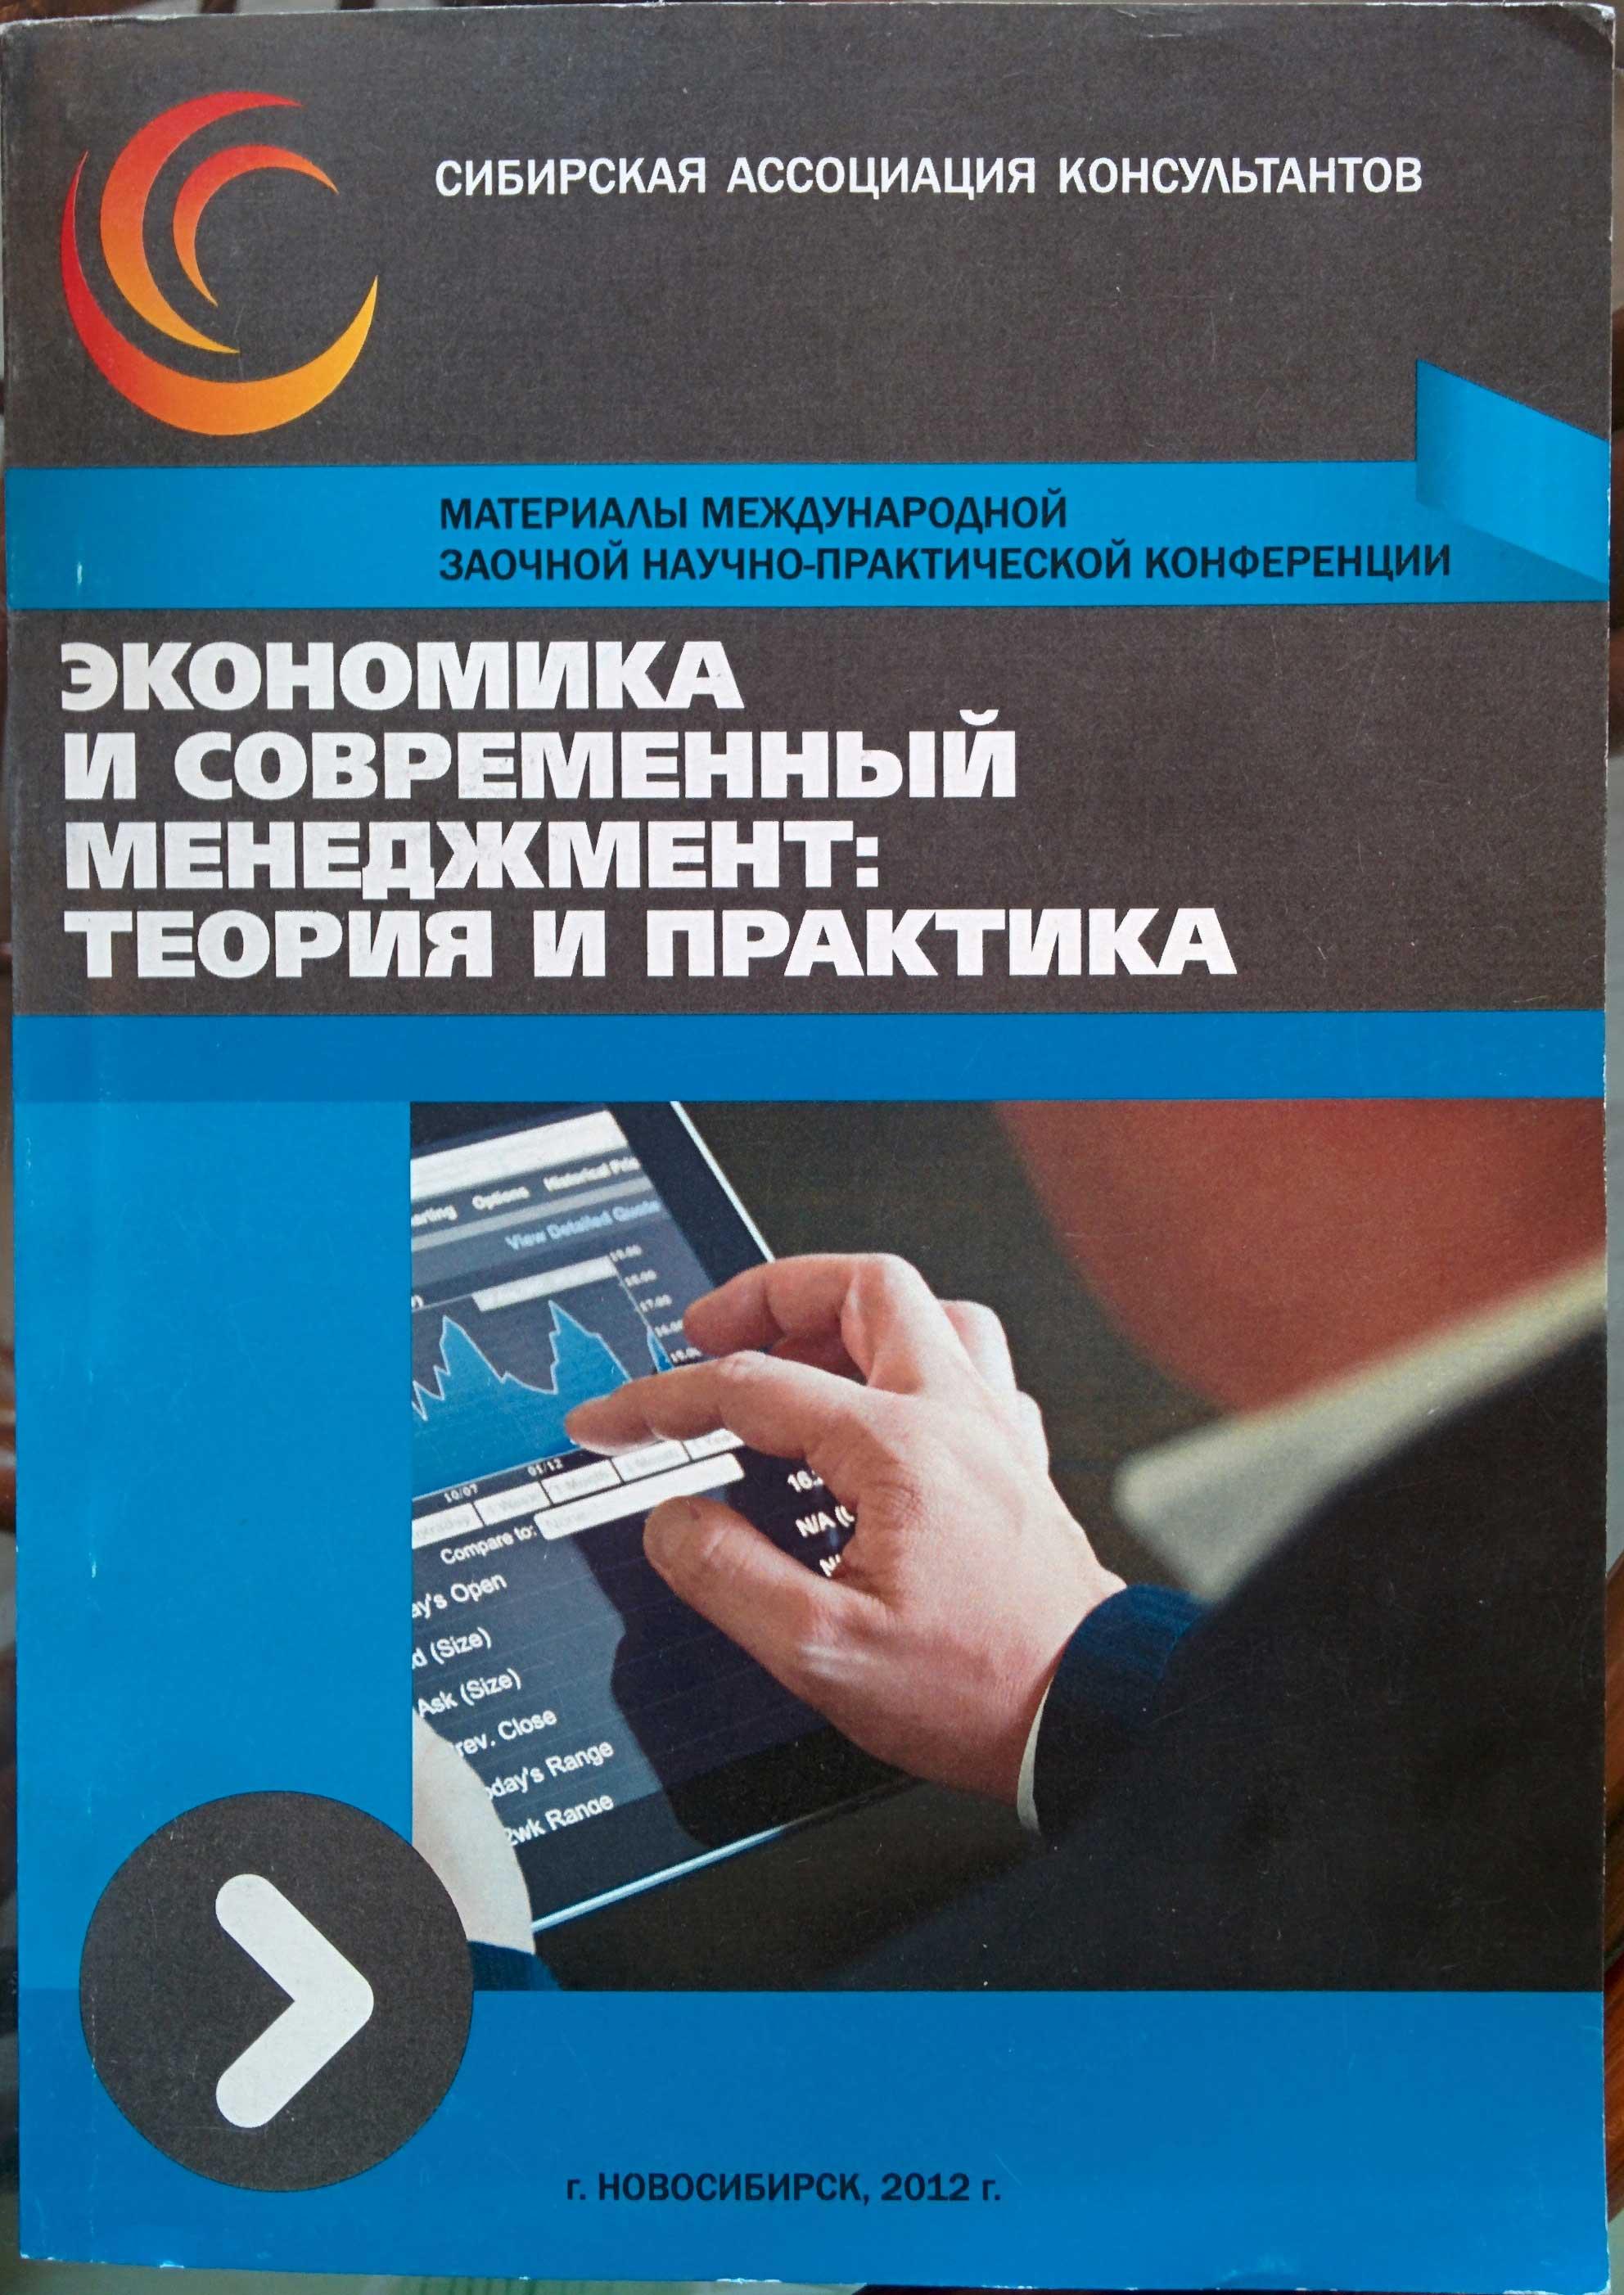 Экономика и современный менеджмент: теория и практика